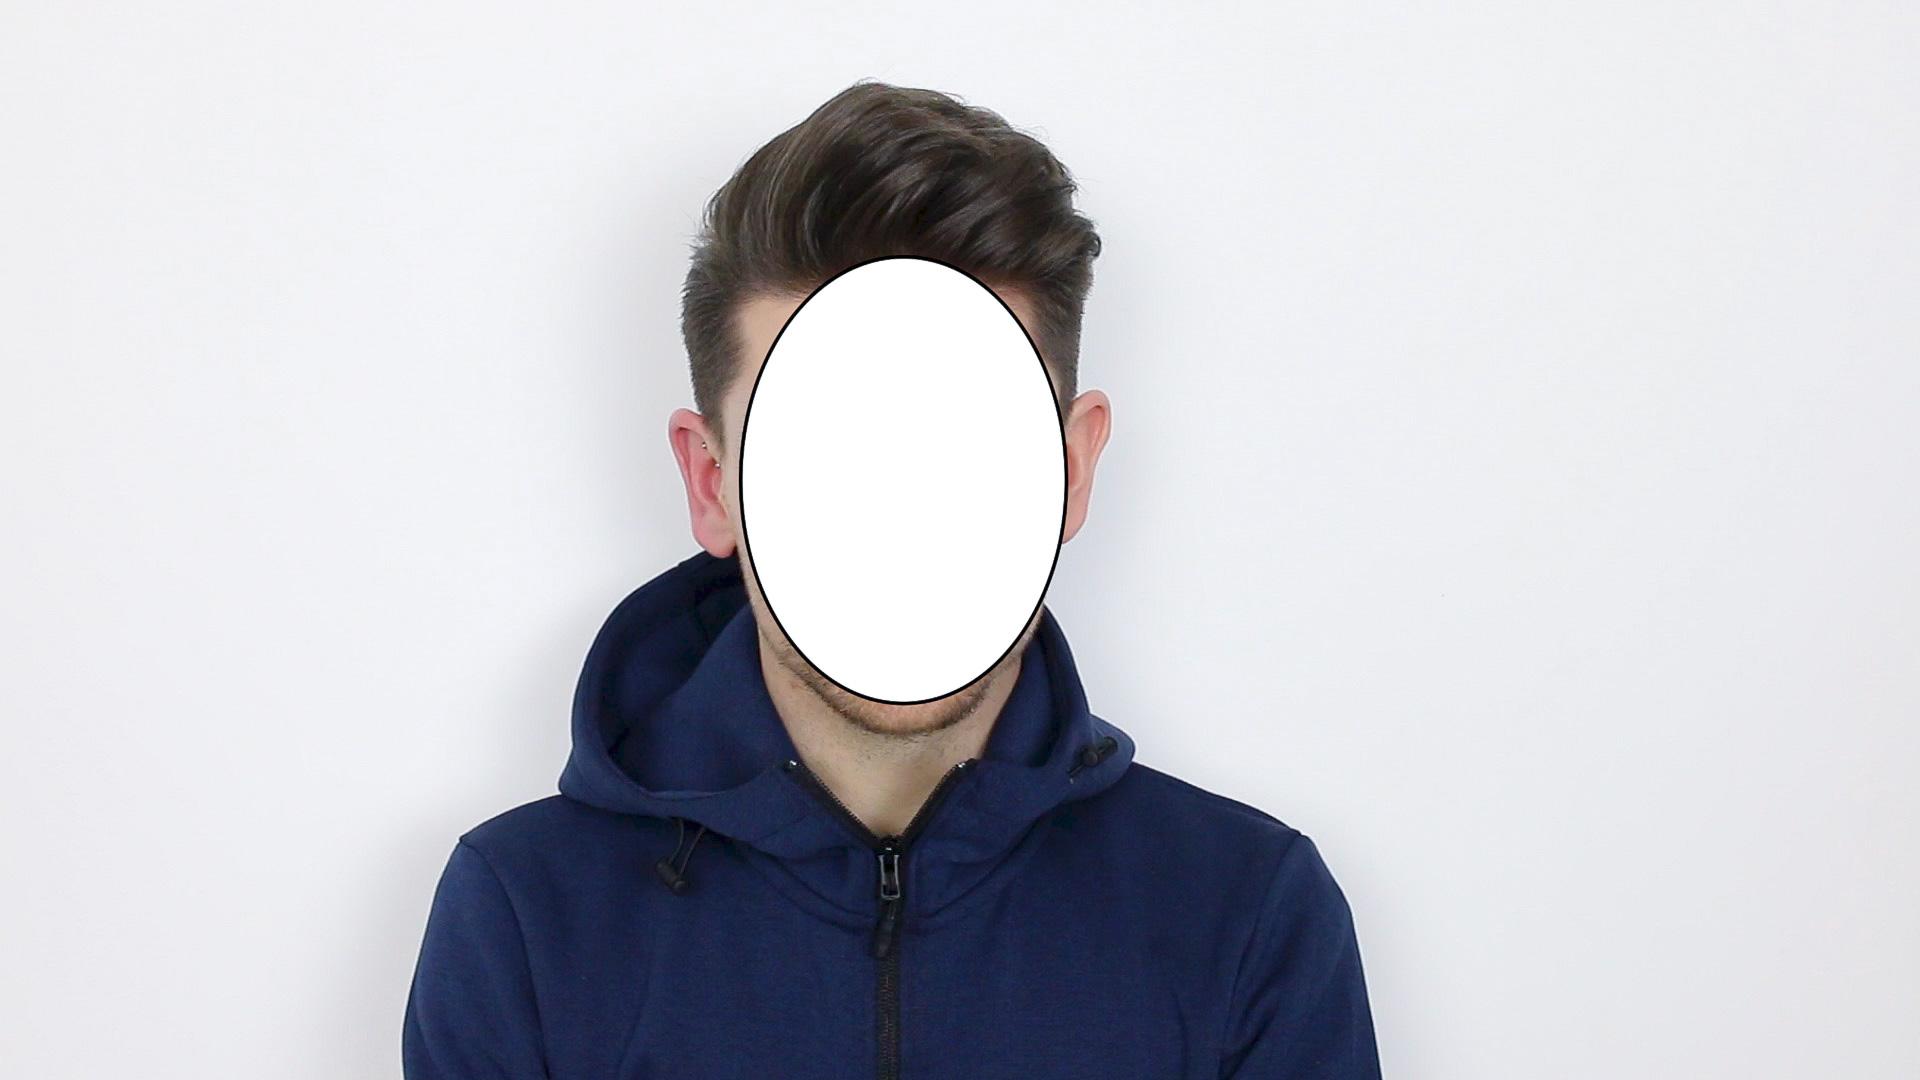 oval-face-shape-glasses-men